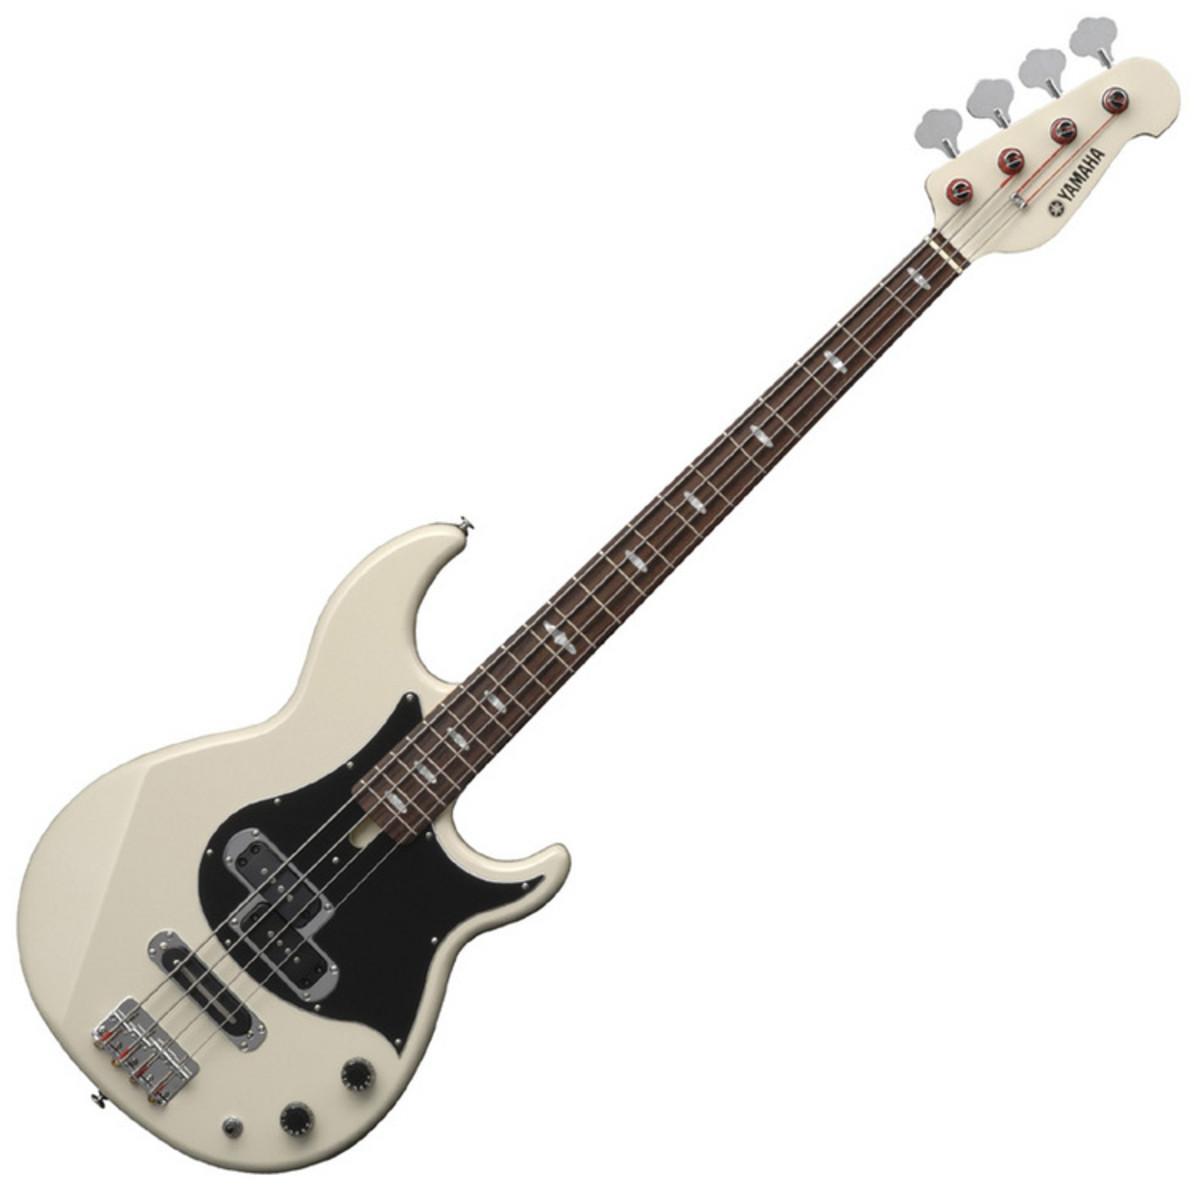 Yamaha Bass Guitar  String  World Of Music